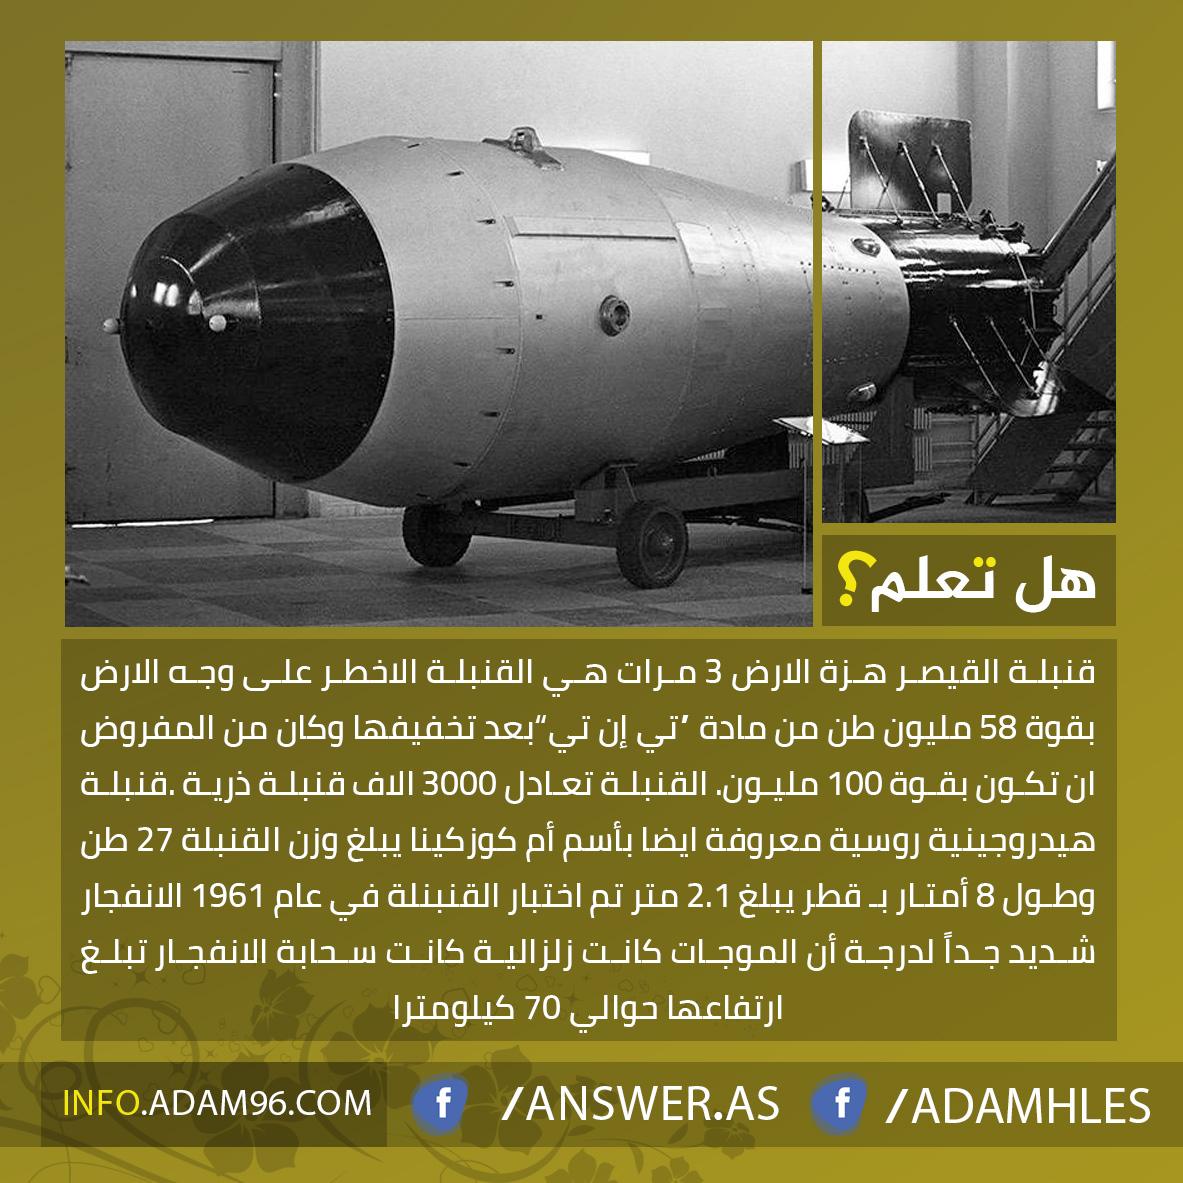 هل تعلم عن قنبلة القيصر الروسية الاخطر على وجه الارض - معلومات عن قنبلة القيصر